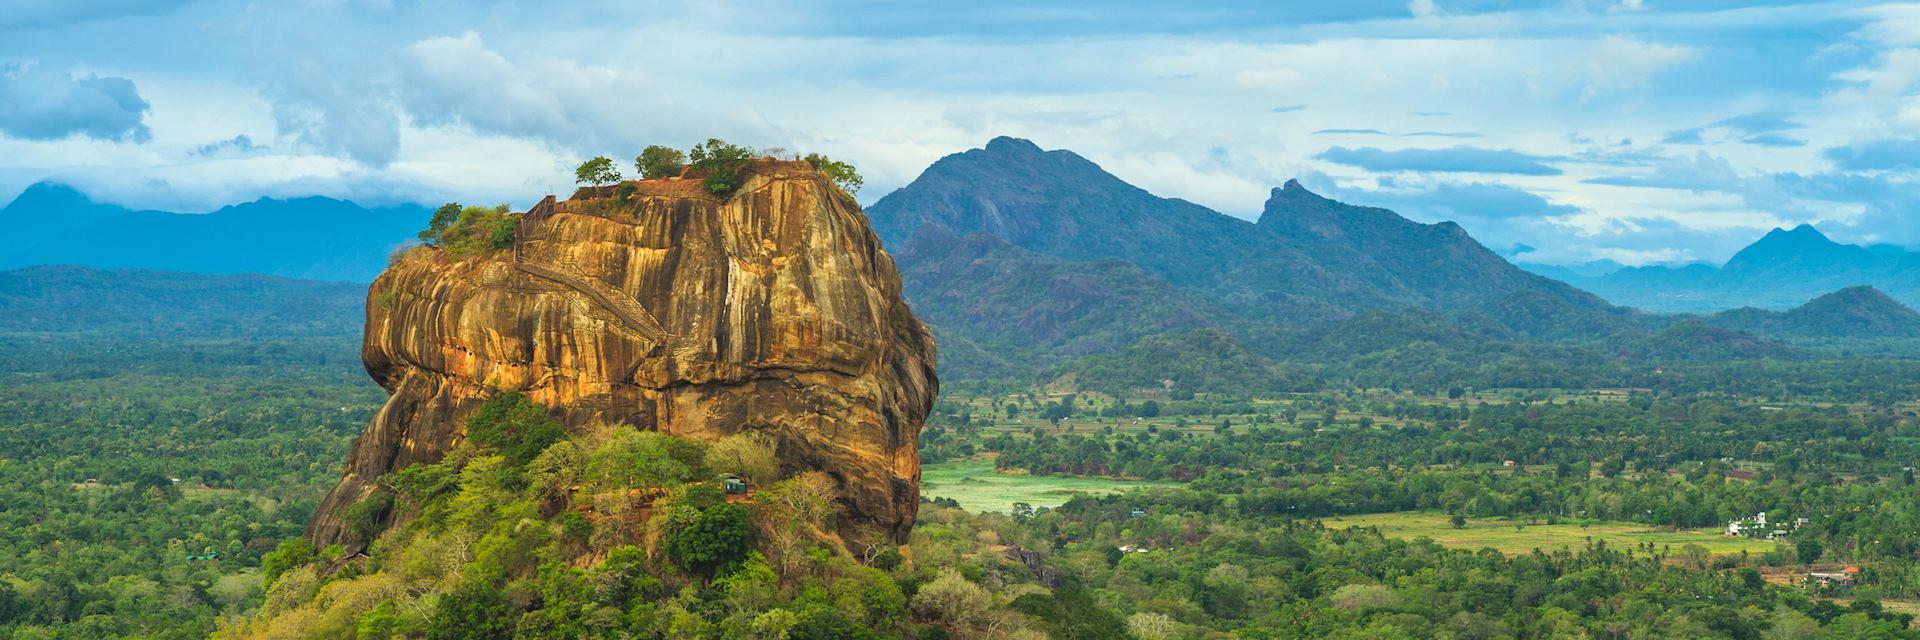 Lion Rock near Dambulla, Sri Lanka